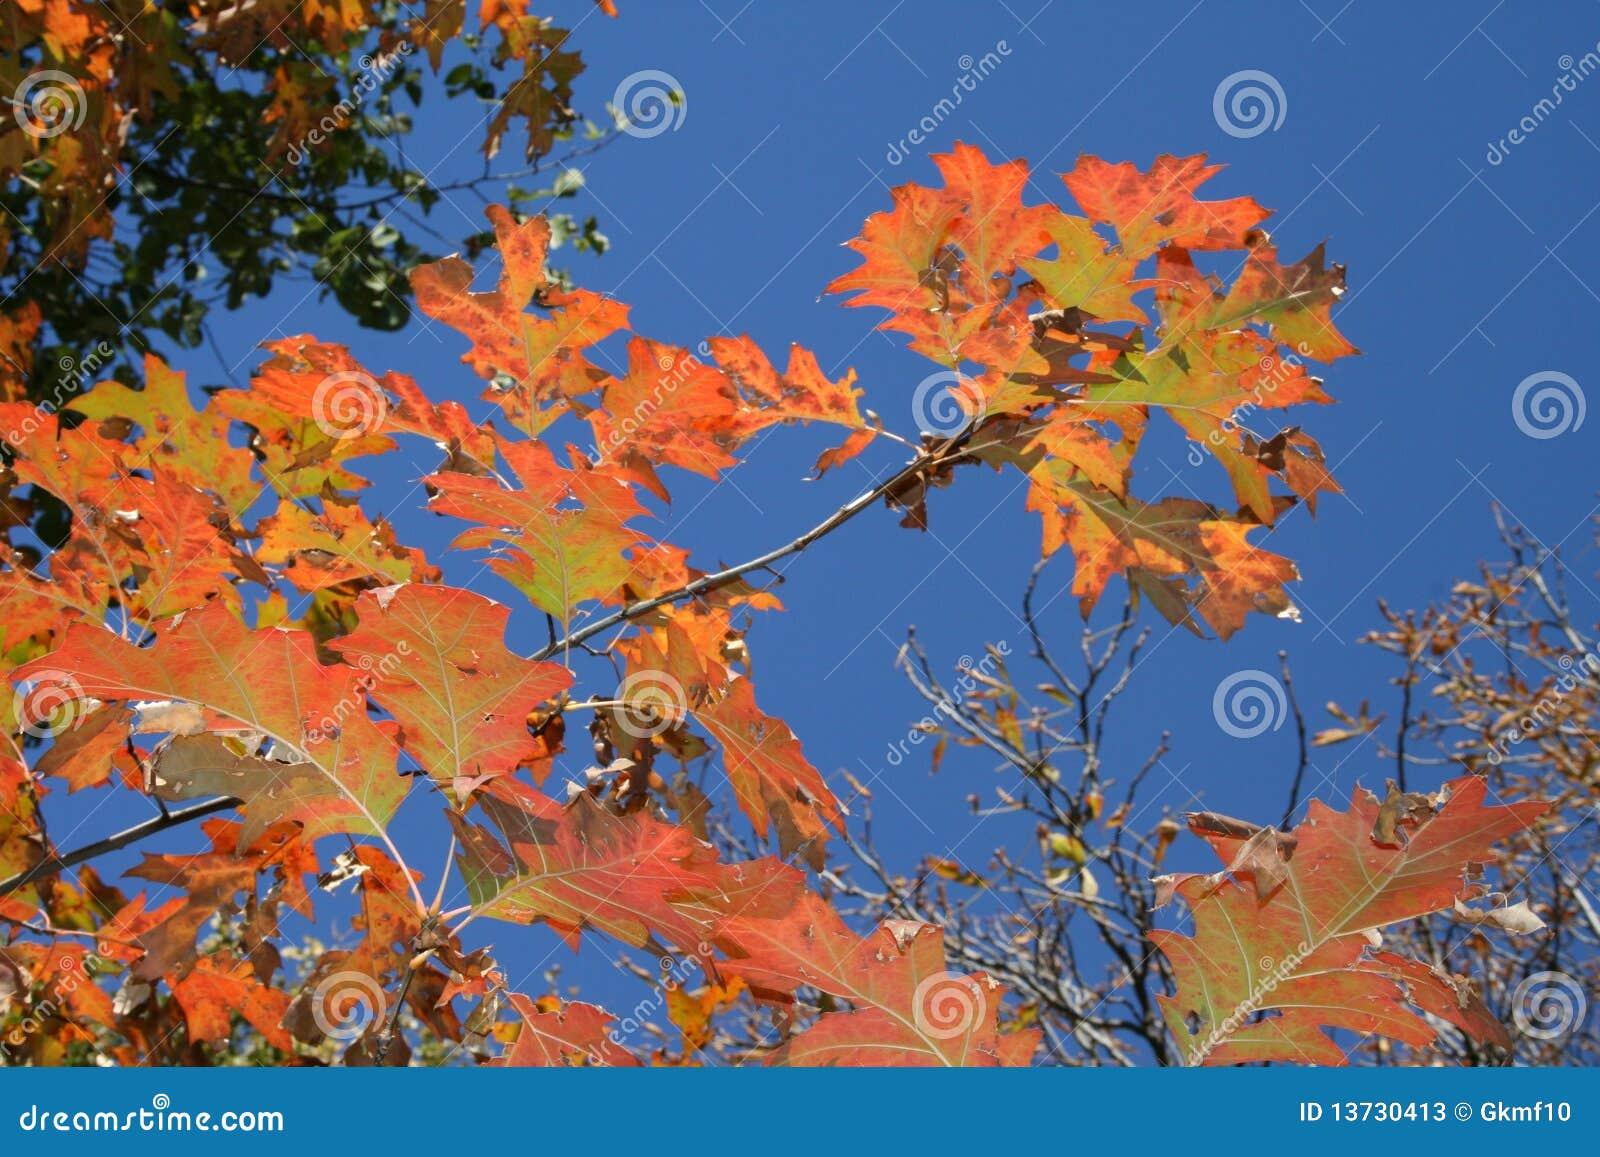 Fogli di colore giallo fotografie stock immagine 13730413 - Caduta fogli di colore stampabili ...